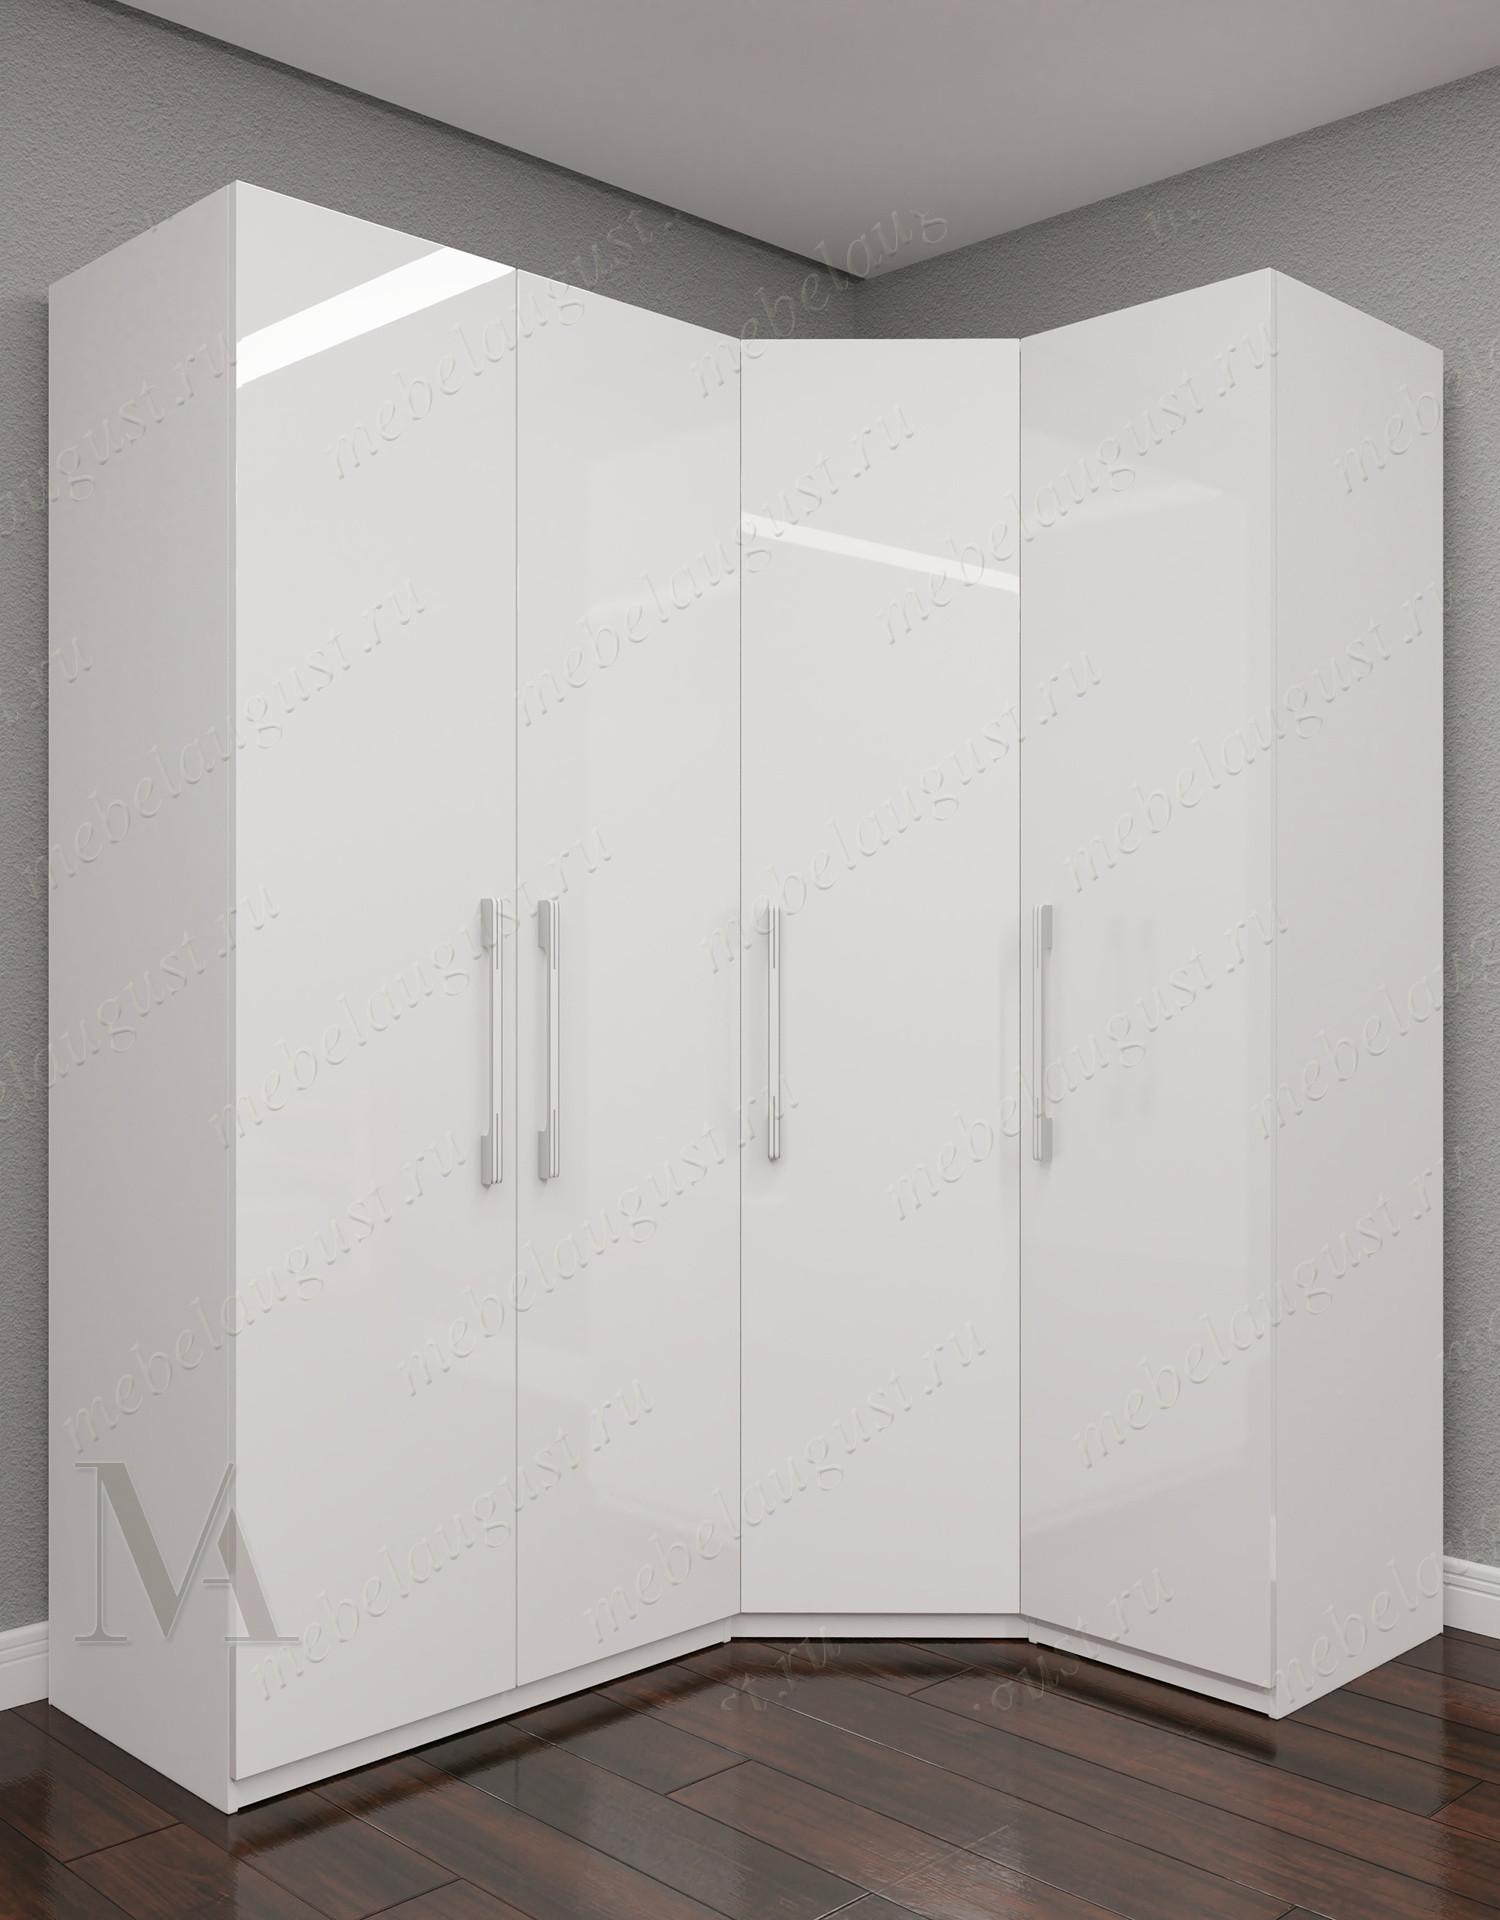 Четырехдверный угловой распашной шкаф для одежды в спальню цвета белый глянец